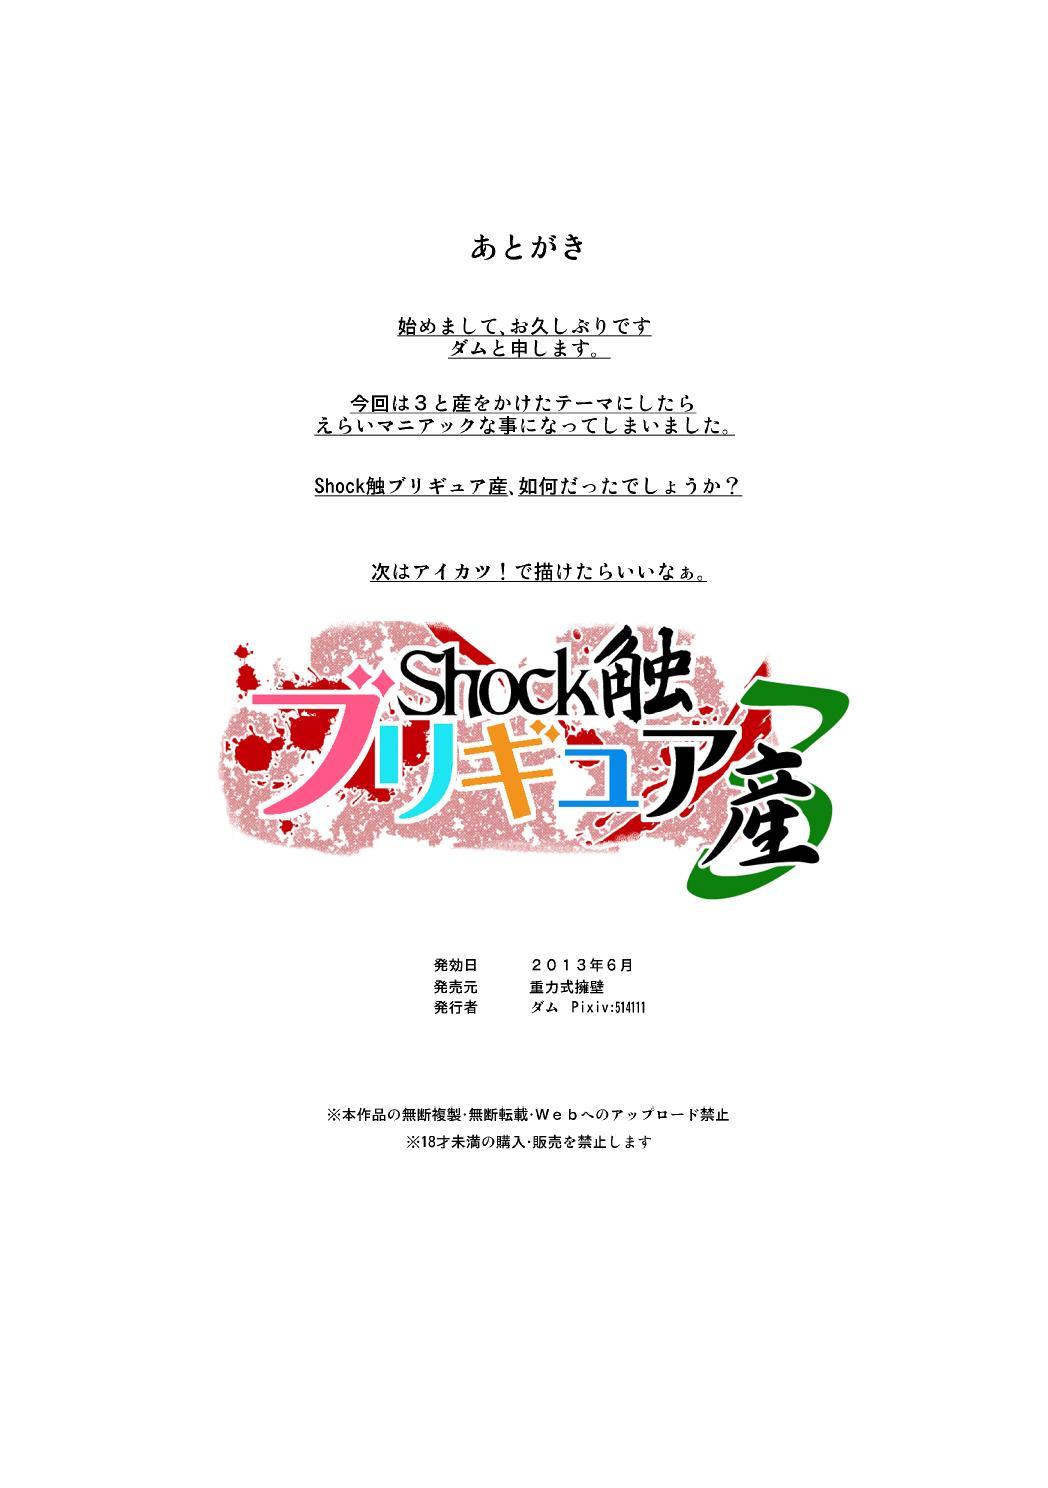 Shock Shoku Burigyua San 83